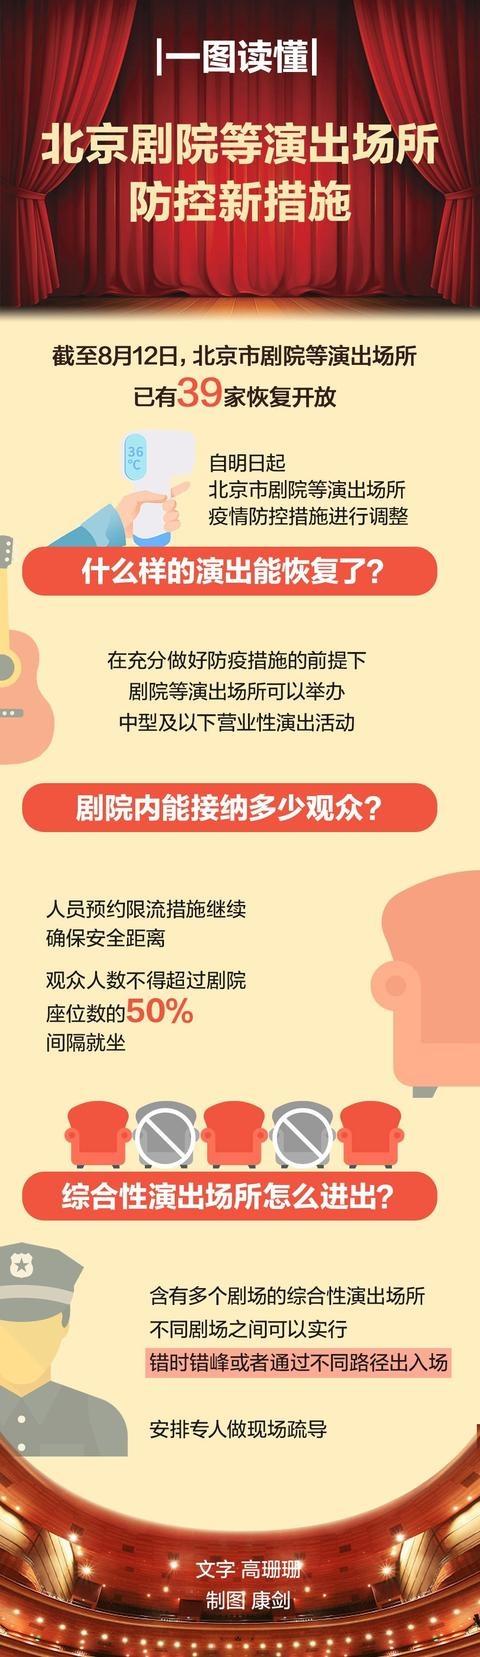 一图读懂 | 北京剧院等演出场所防控新措施